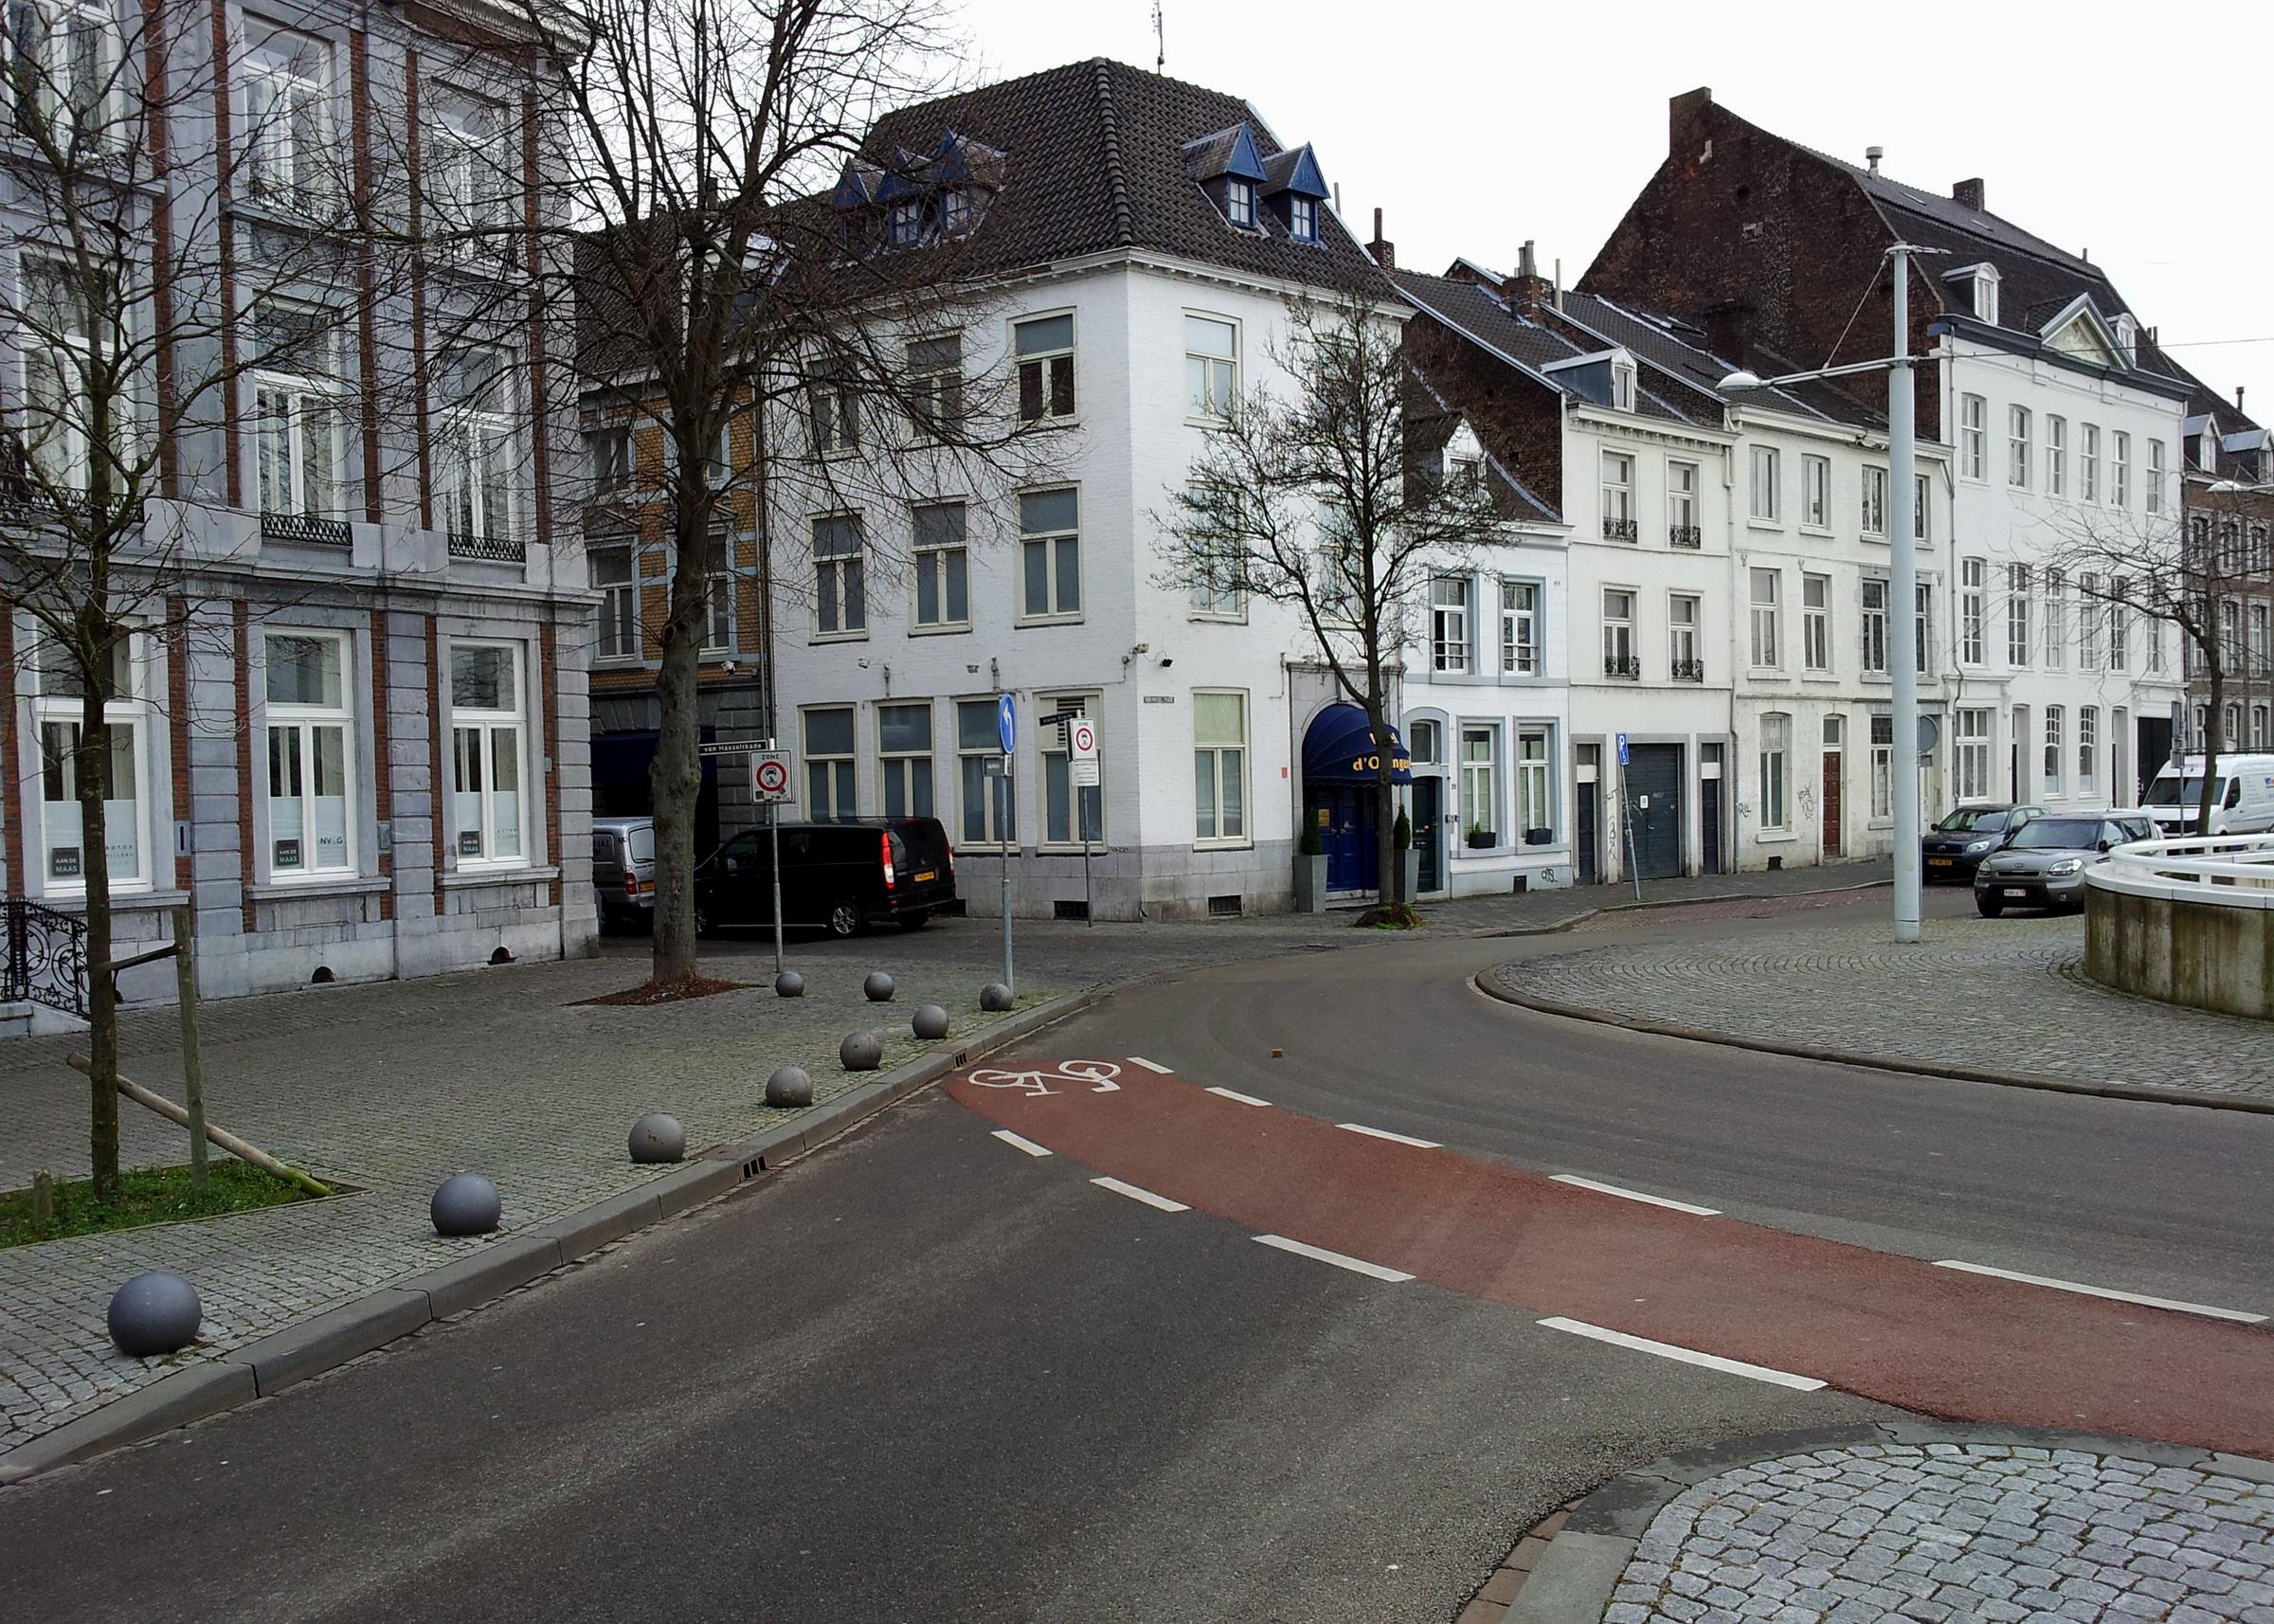 File:Maastricht2015, Van Hasseltkade bij Kleine Gracht.jpg ...